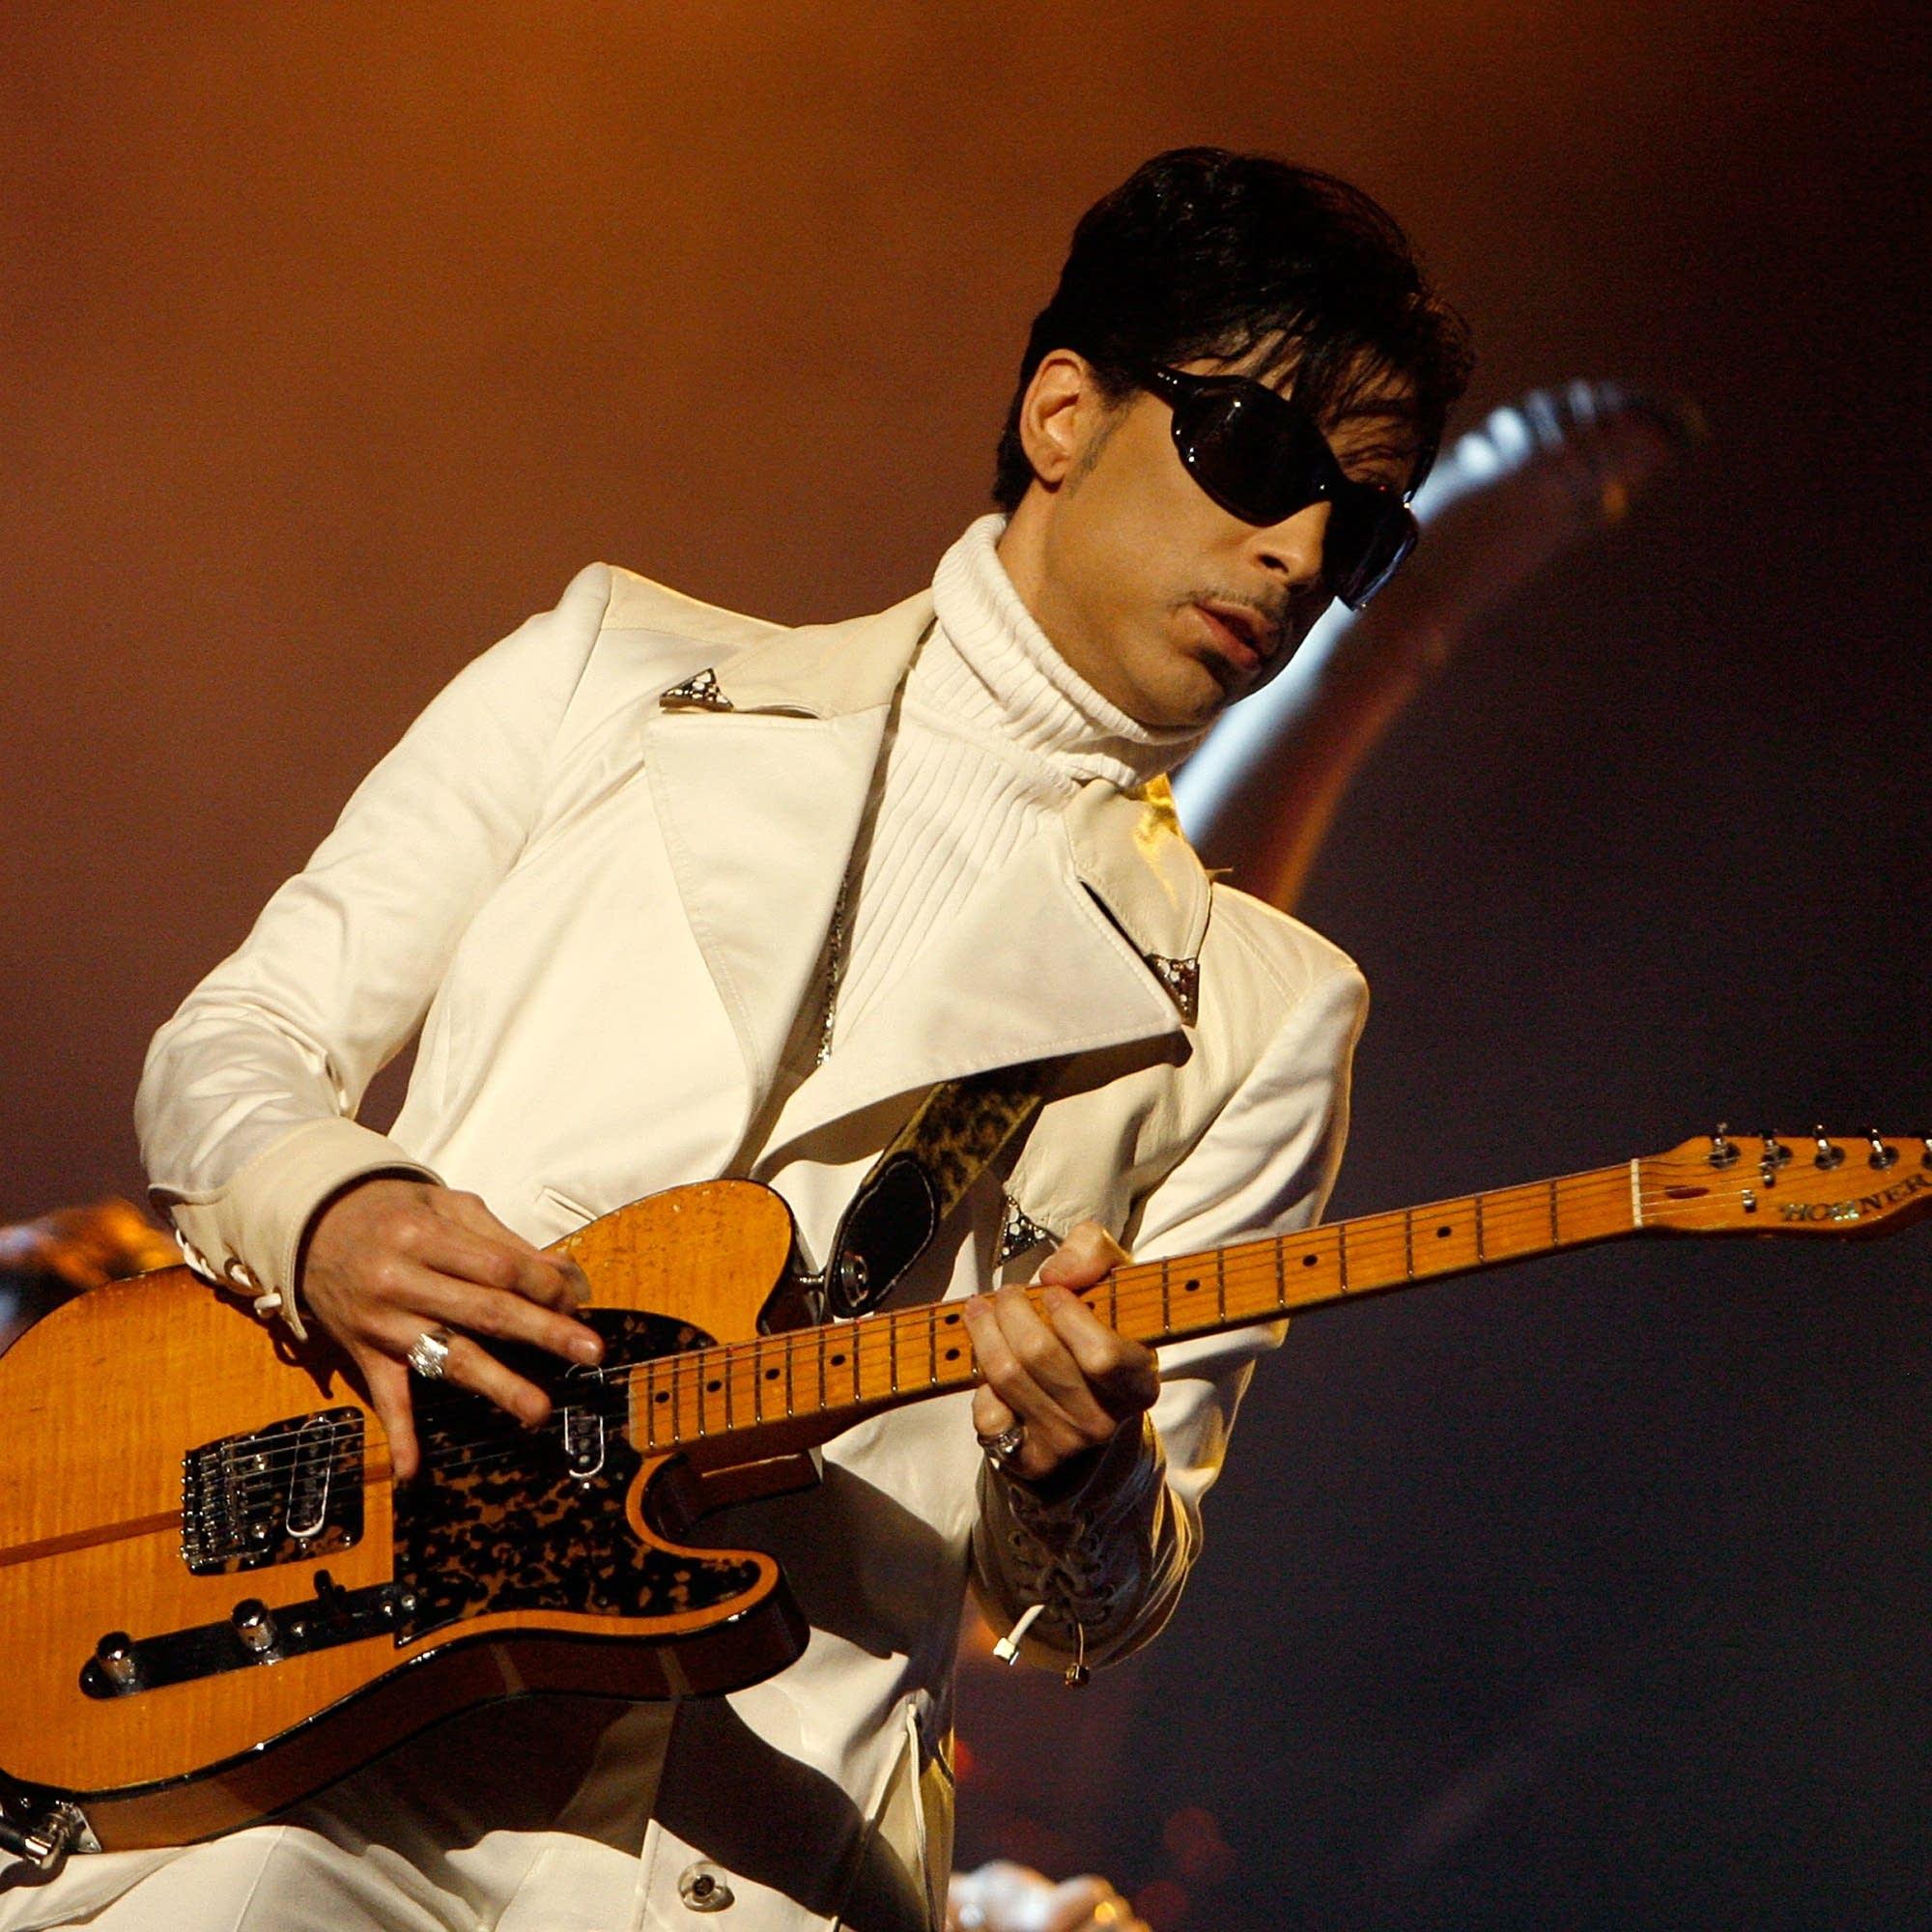 Prince plays guitar in Pasadena